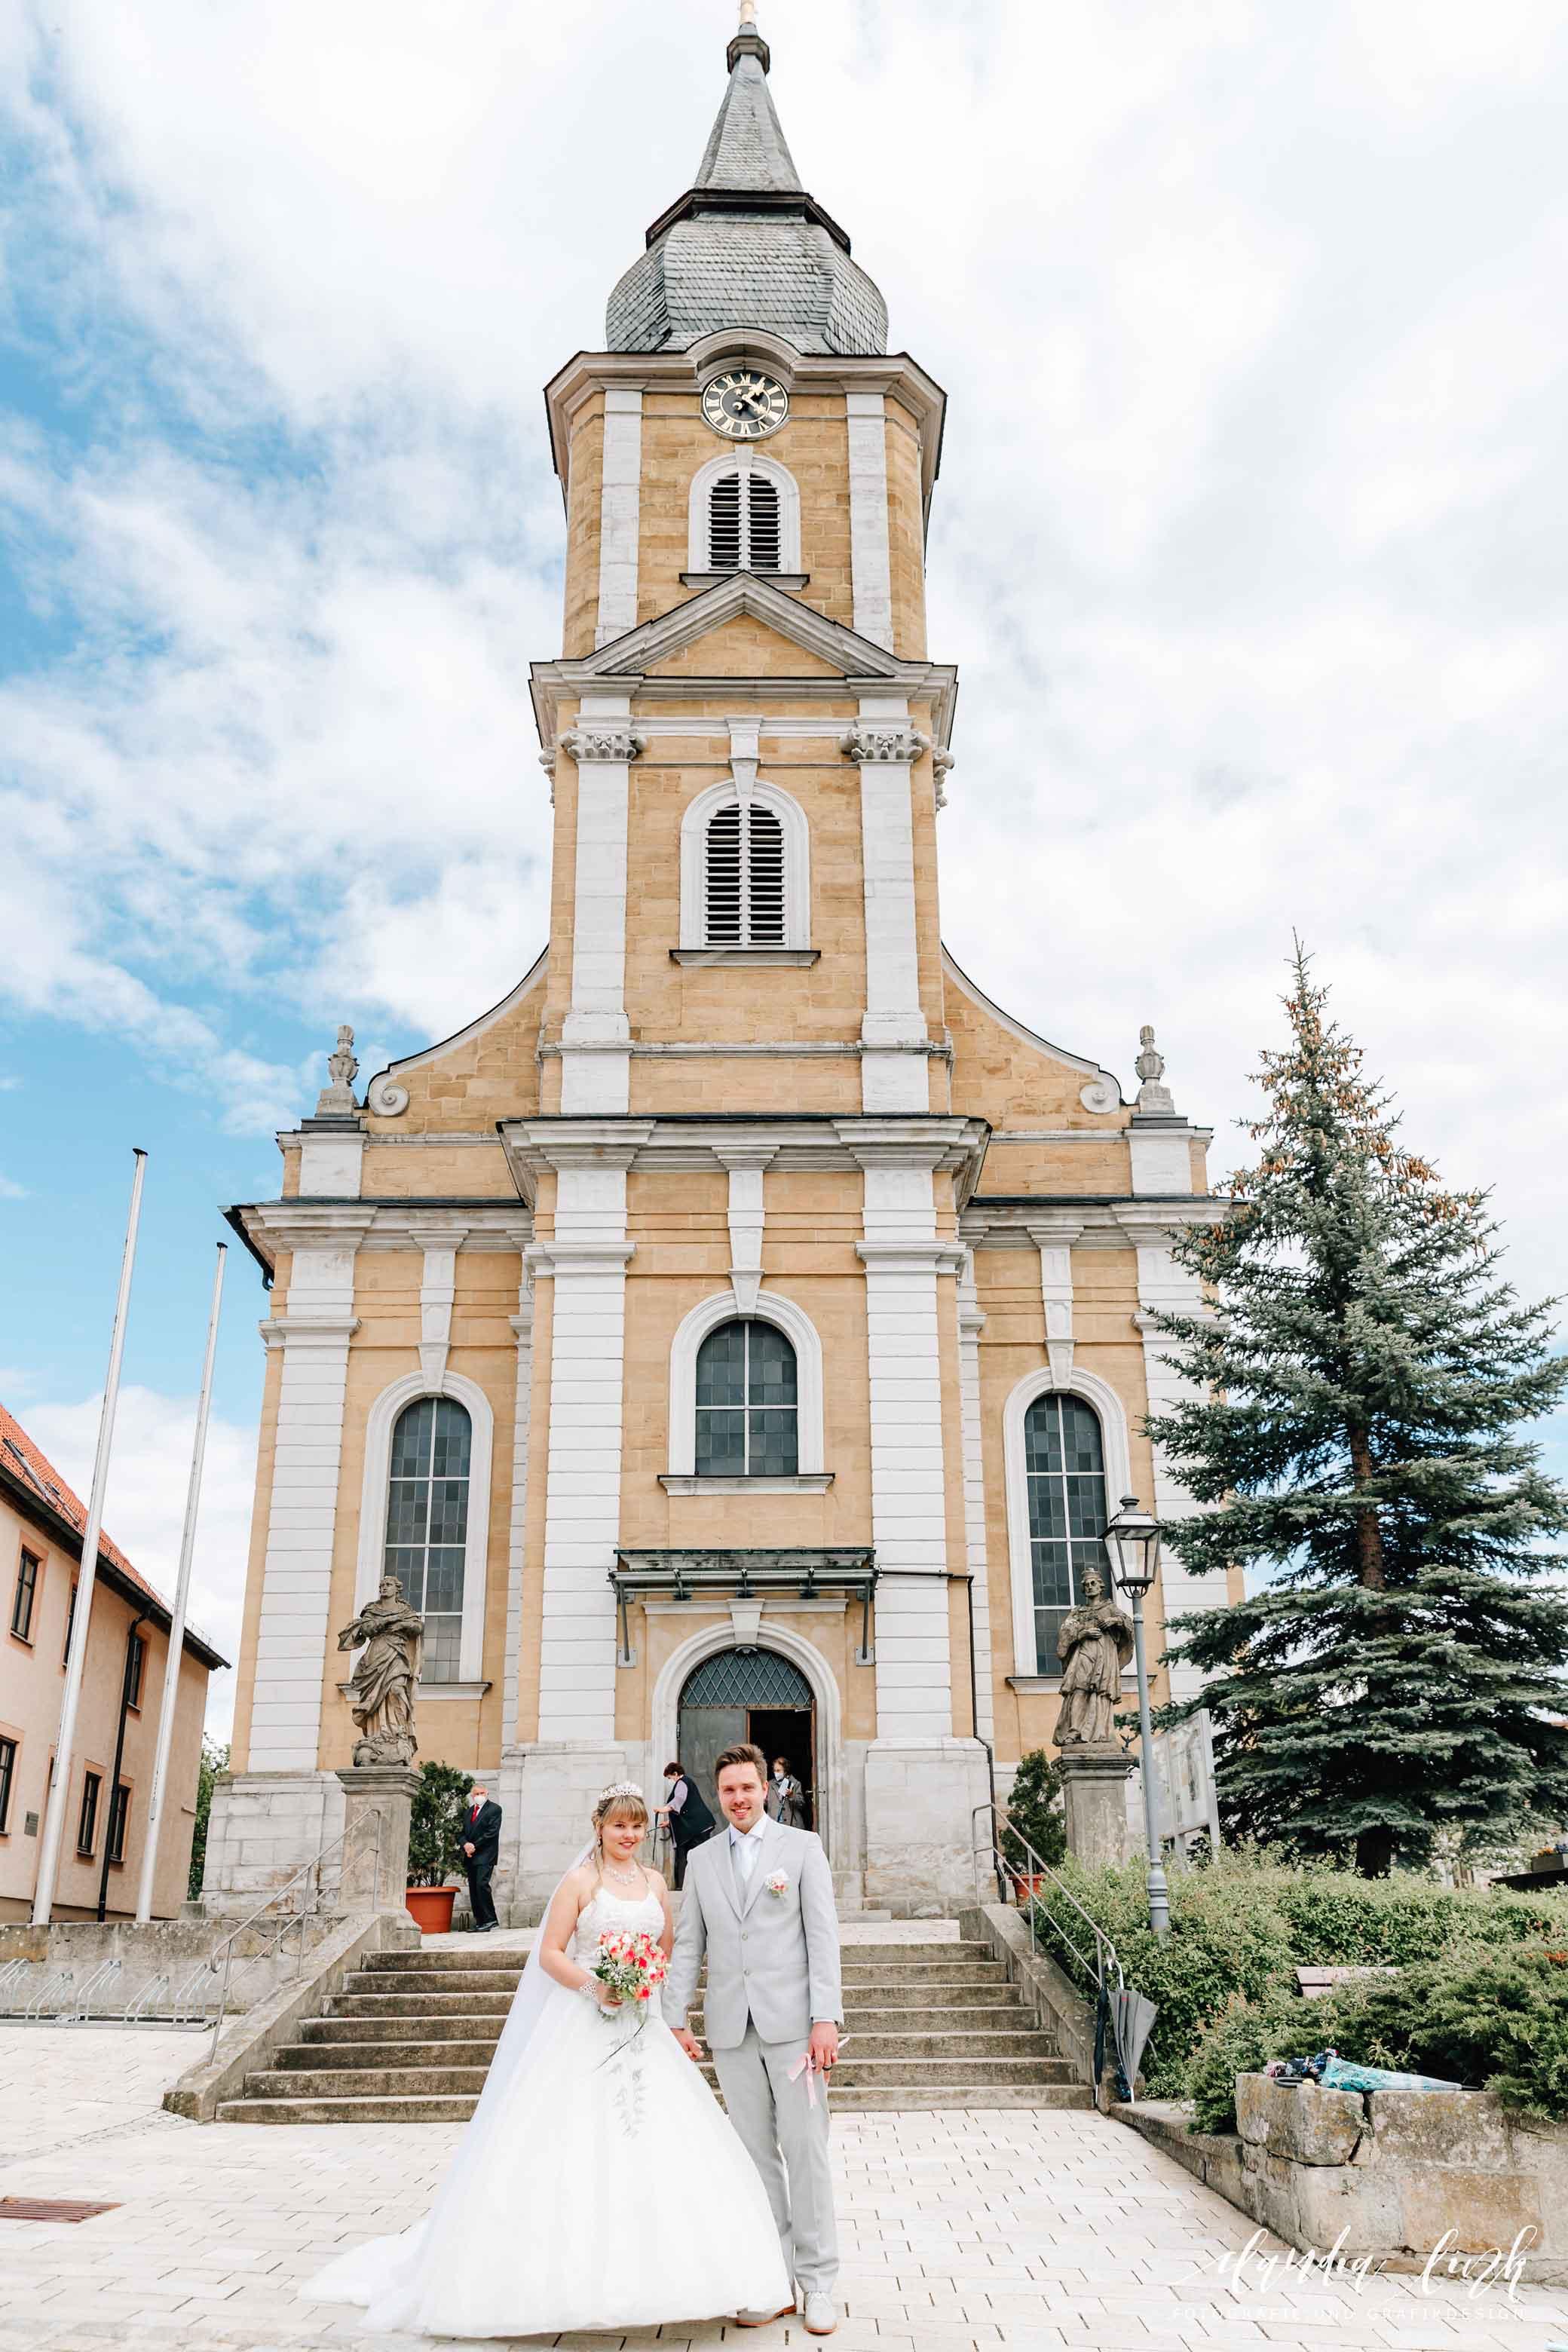 Kirchliche Hochzeit in Corona-Zeiten im fränkischen Burgkunstadt IMG 0018w